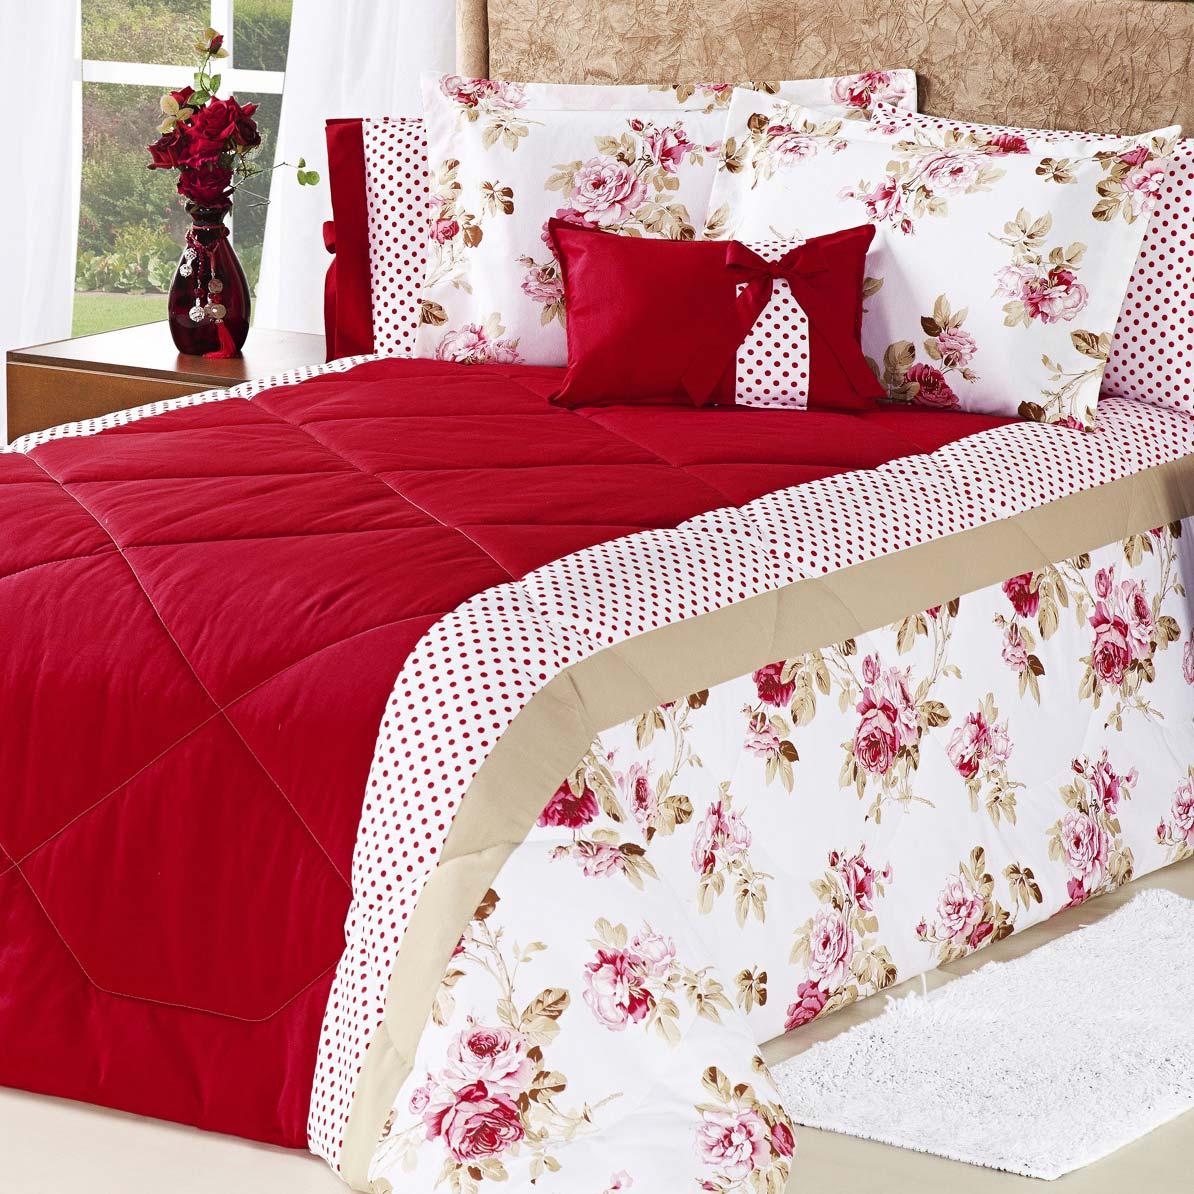 Edredom Cama Queen Vermelho com 7 peças tecido Algodão e Poliester e Microfibra - Edredom Florata